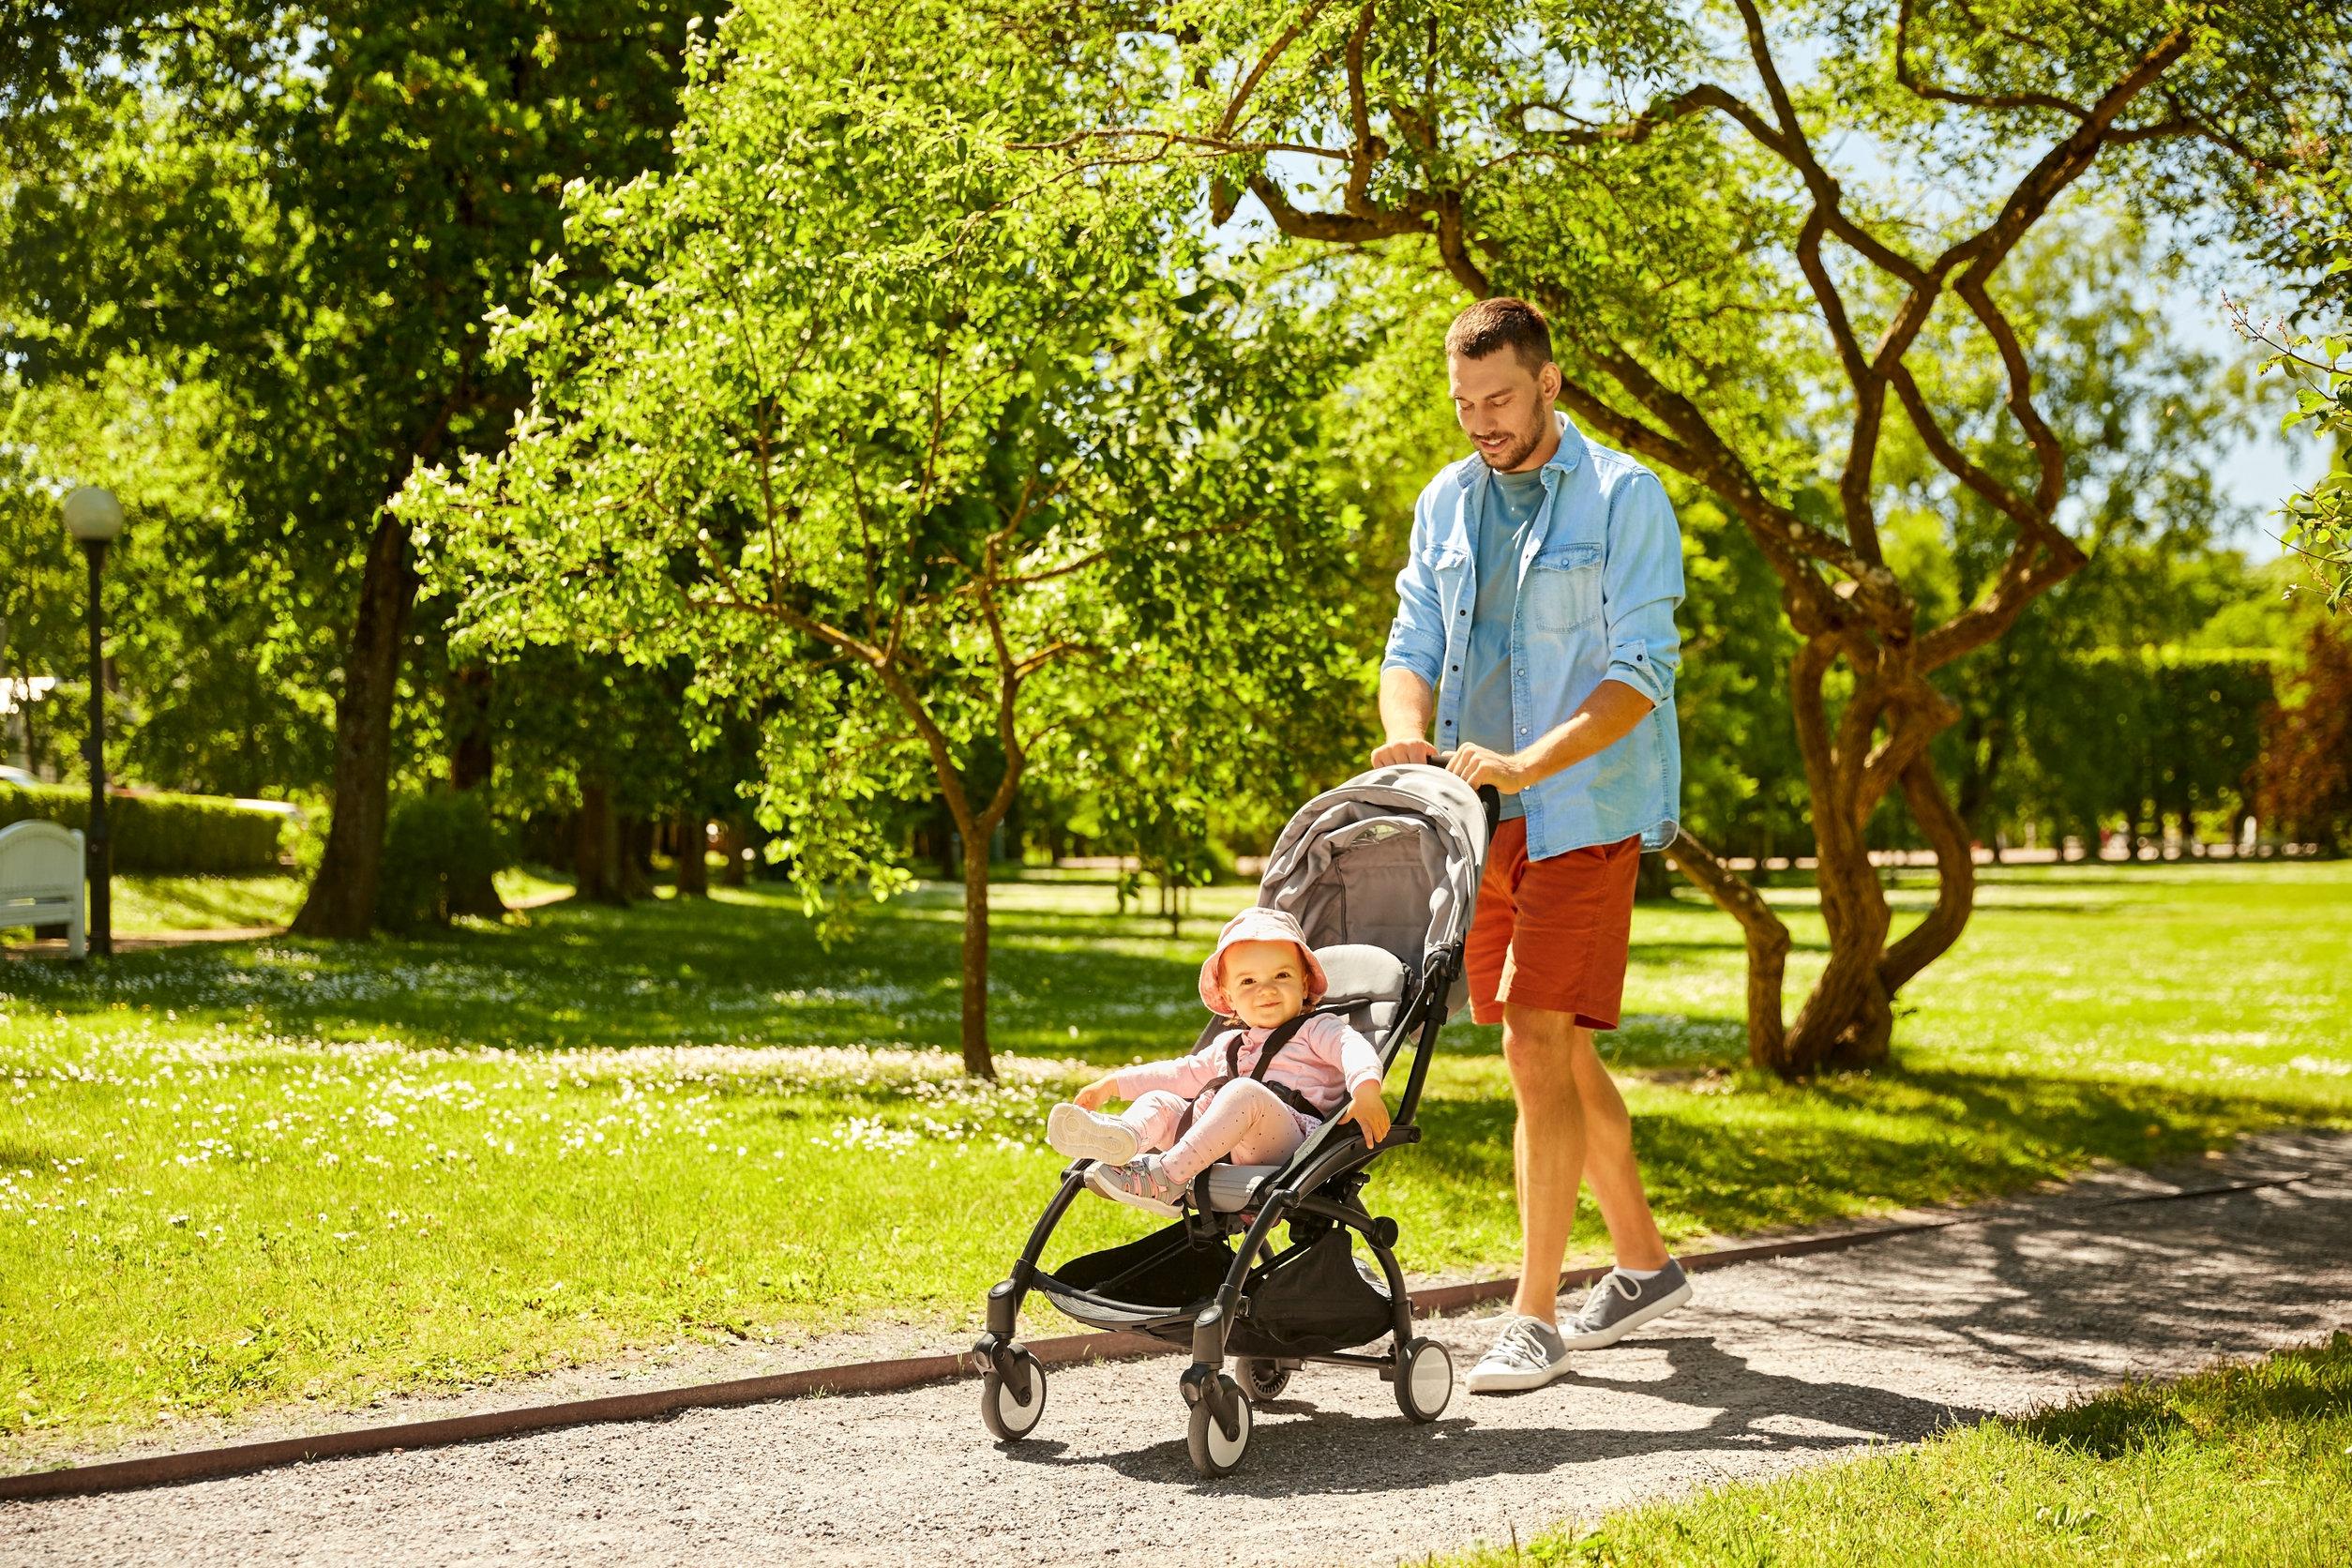 pai feliz com filho em carrinho de bebé no parque de Verão